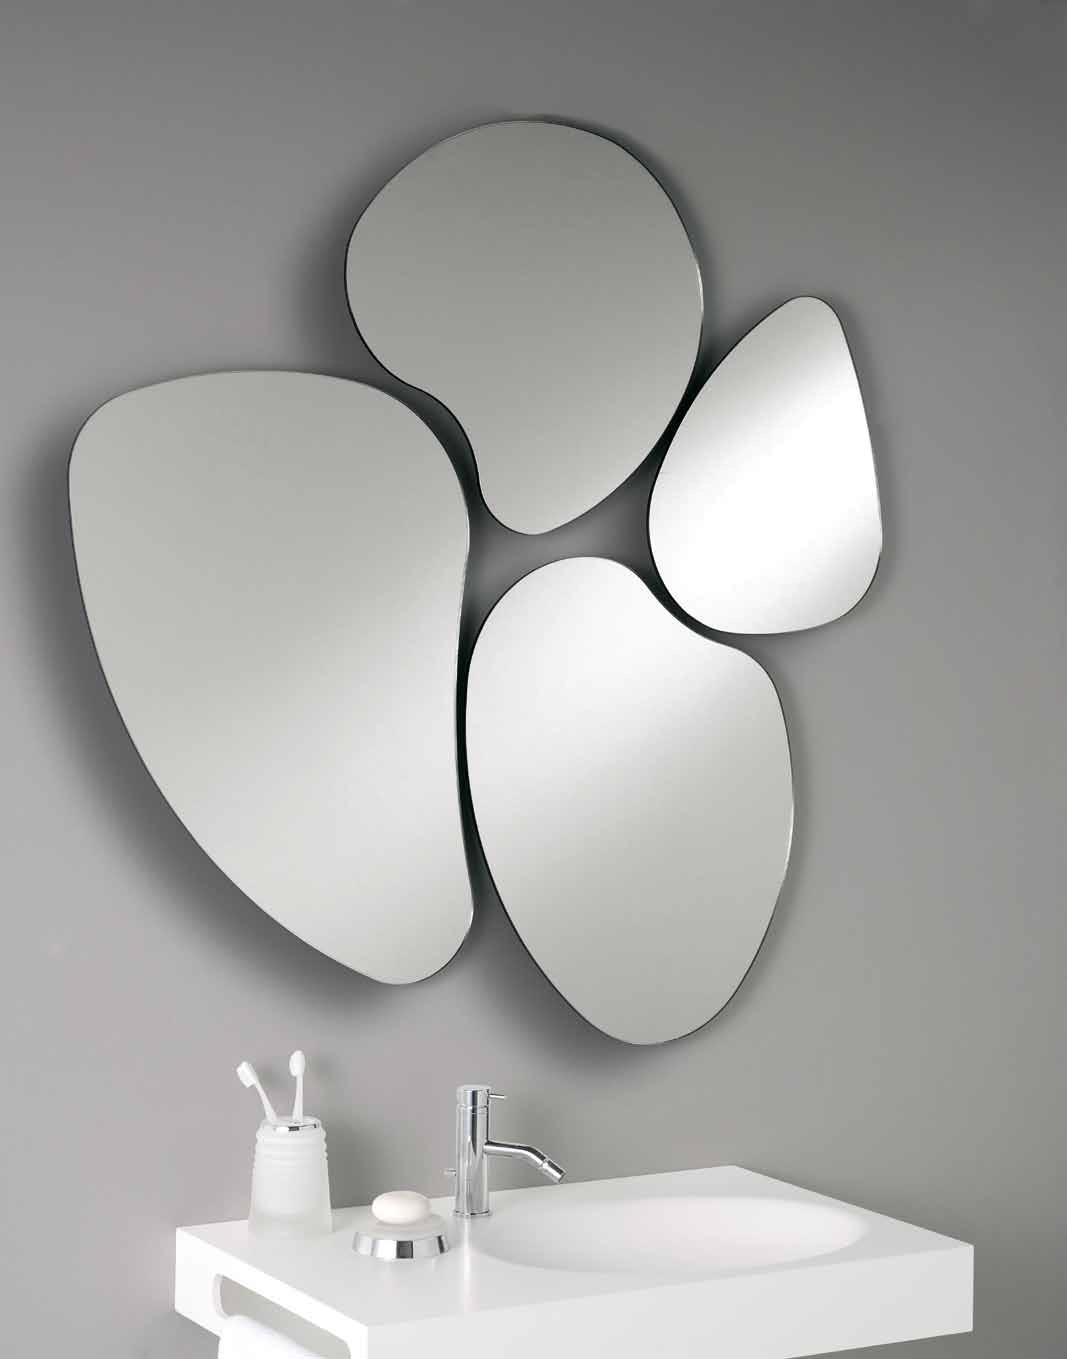 Espejos vidrosvazquez for Espejos decorativos con formas